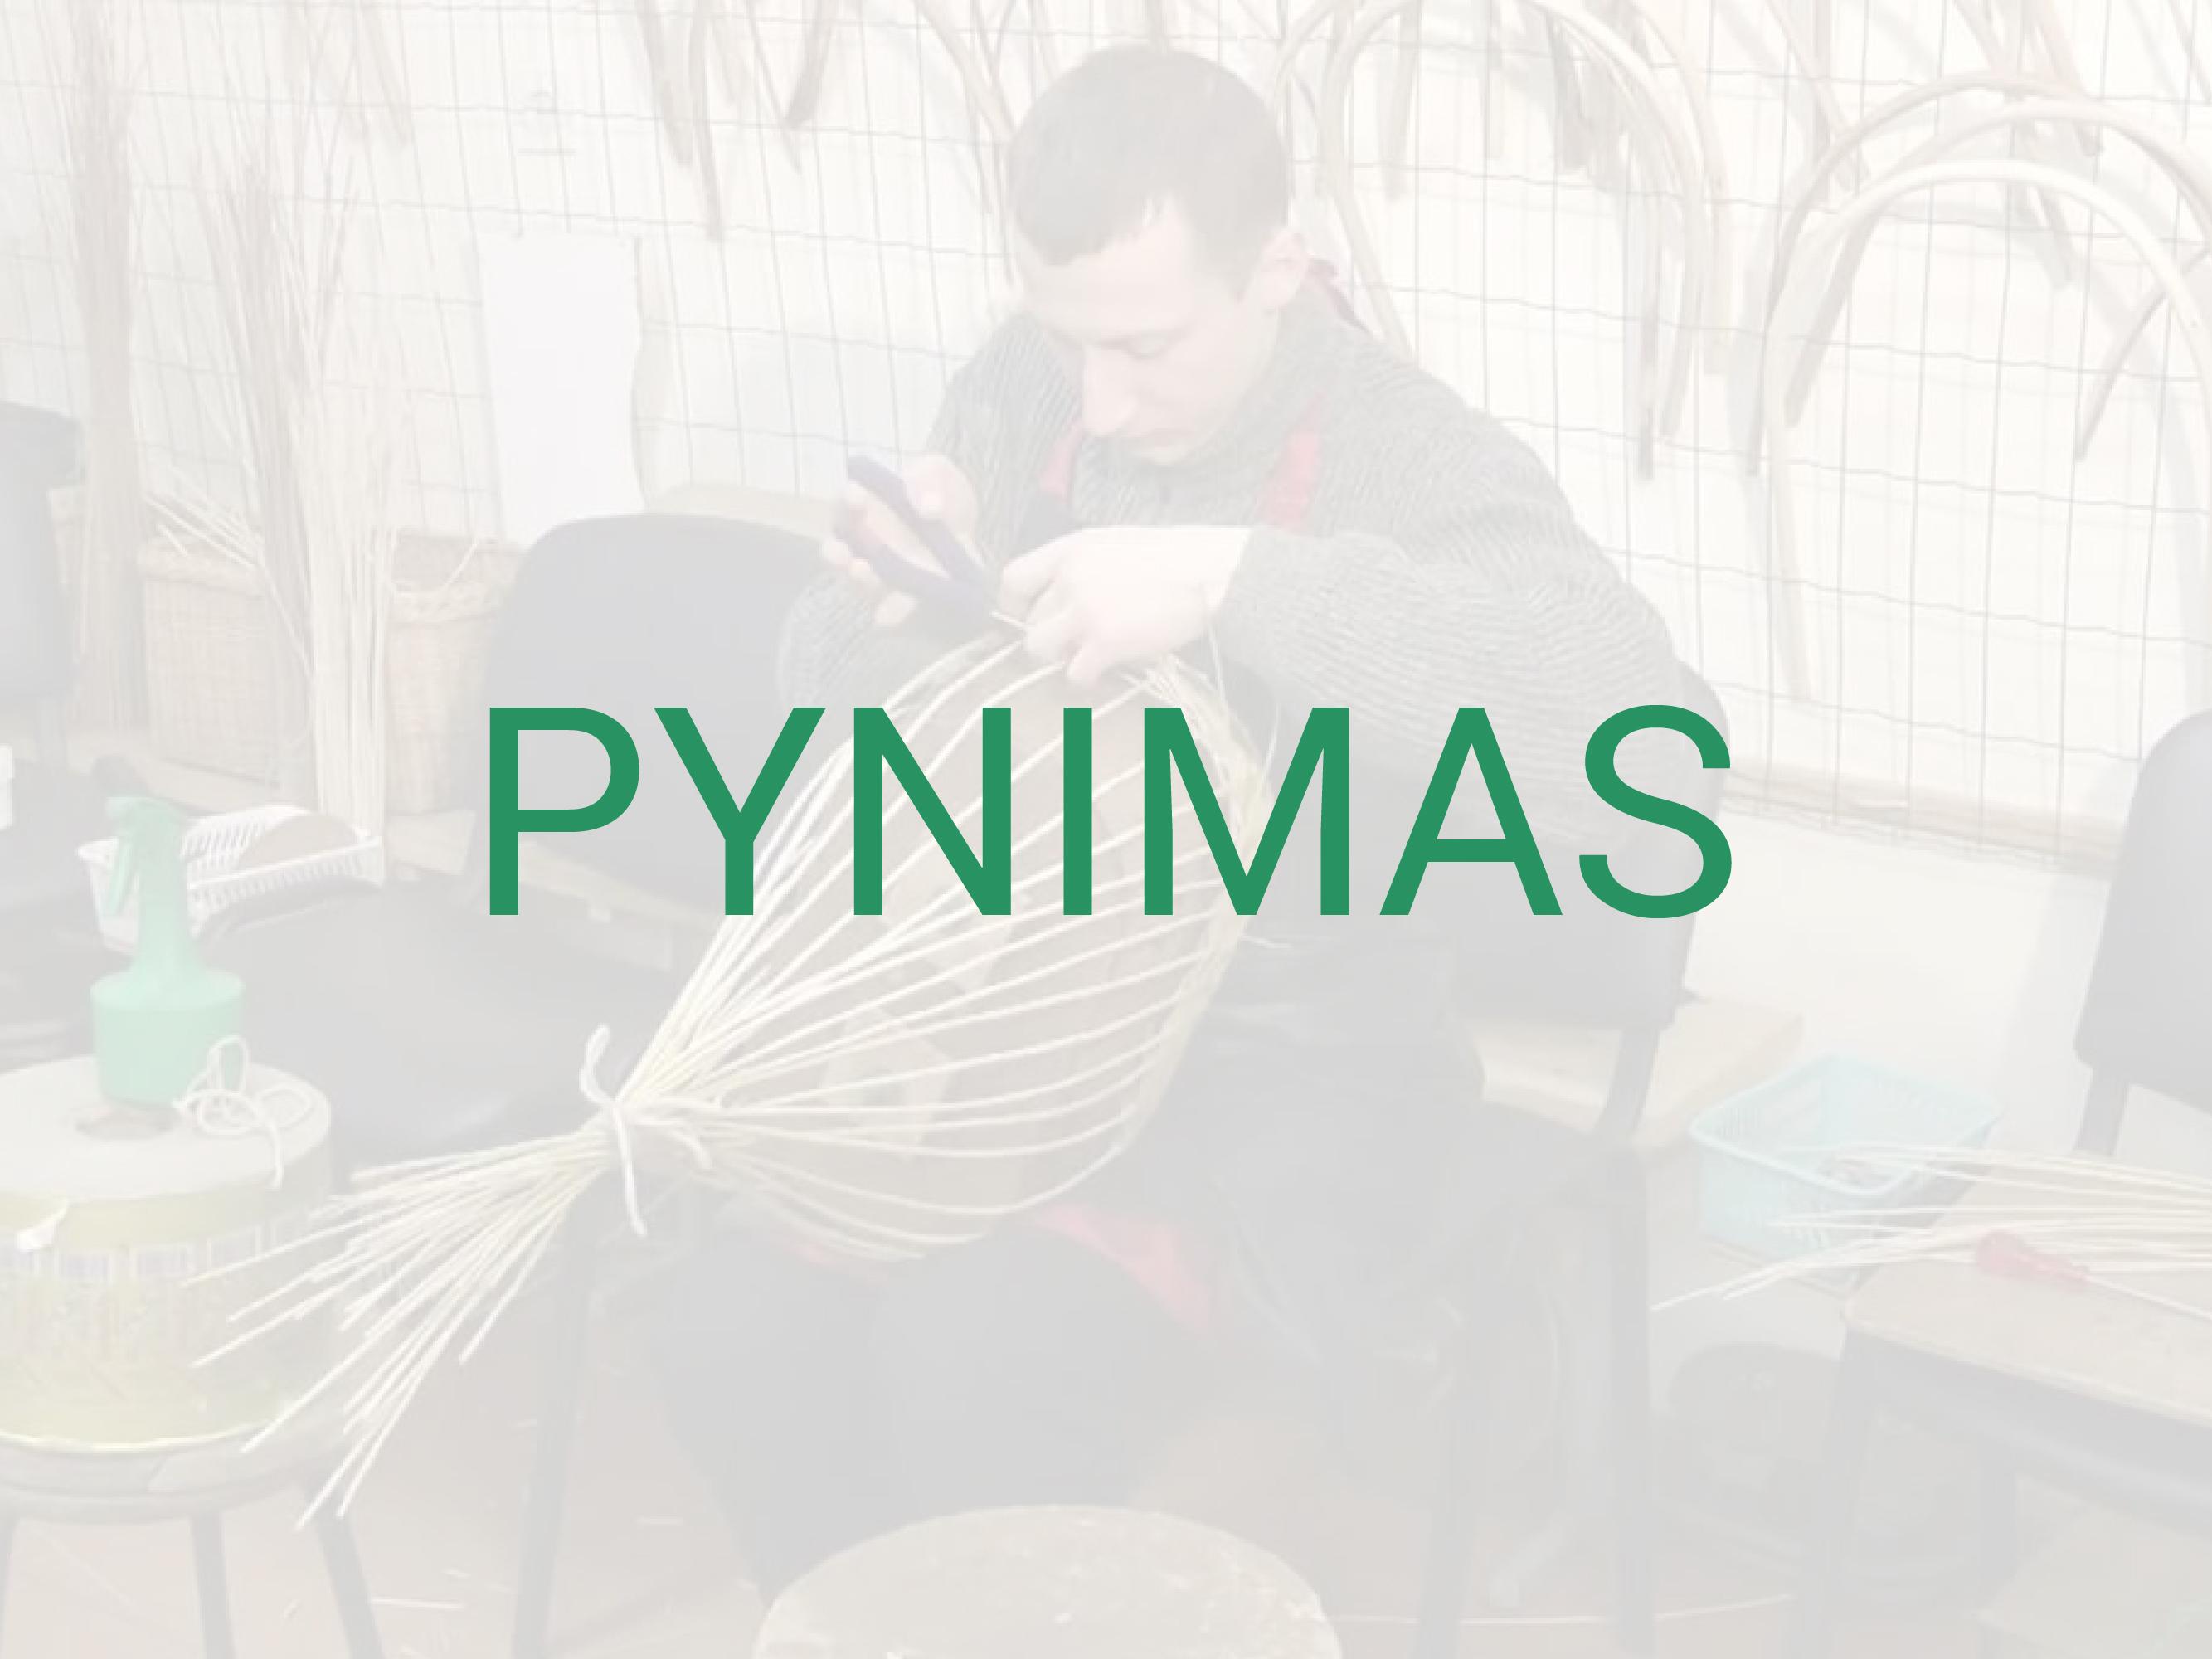 PYNIMAS-01